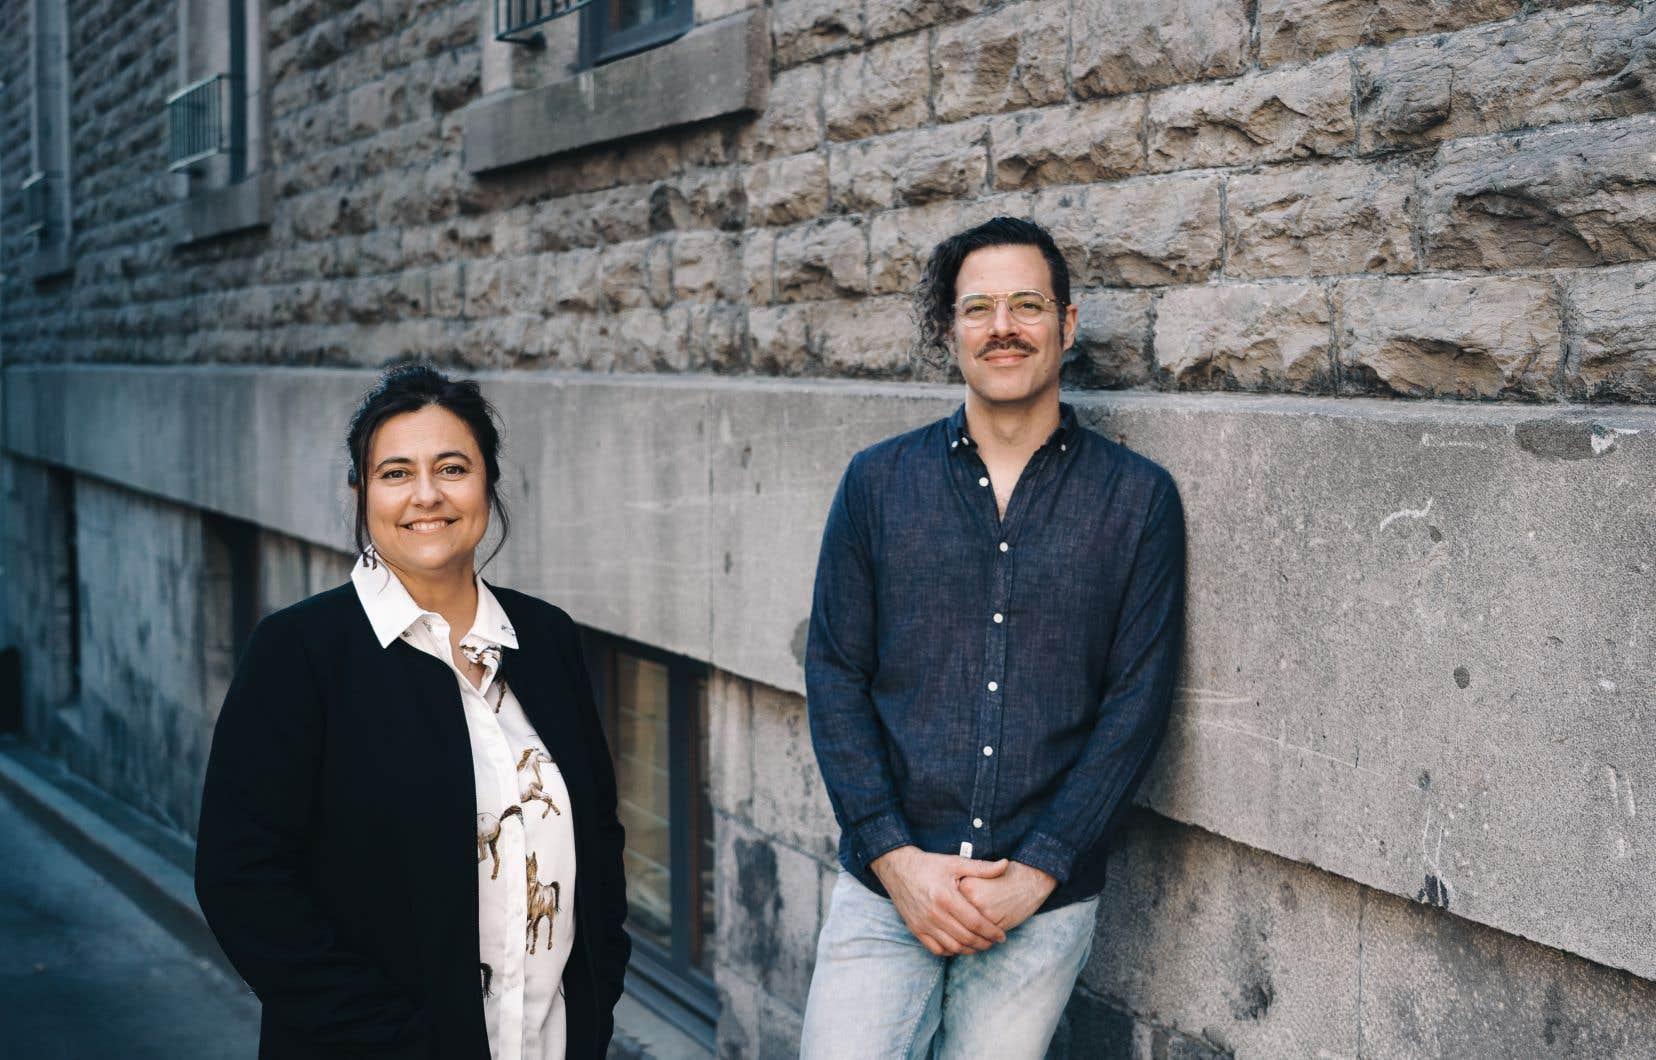 La vision de Martine Forand et de Louis Asselin a dû se mouler à la réalité implacable de la COVID-19, tant sur le plan d'un tournage sanitaire qu'en ce qui concerne la manière d'observer le quotidien du député.